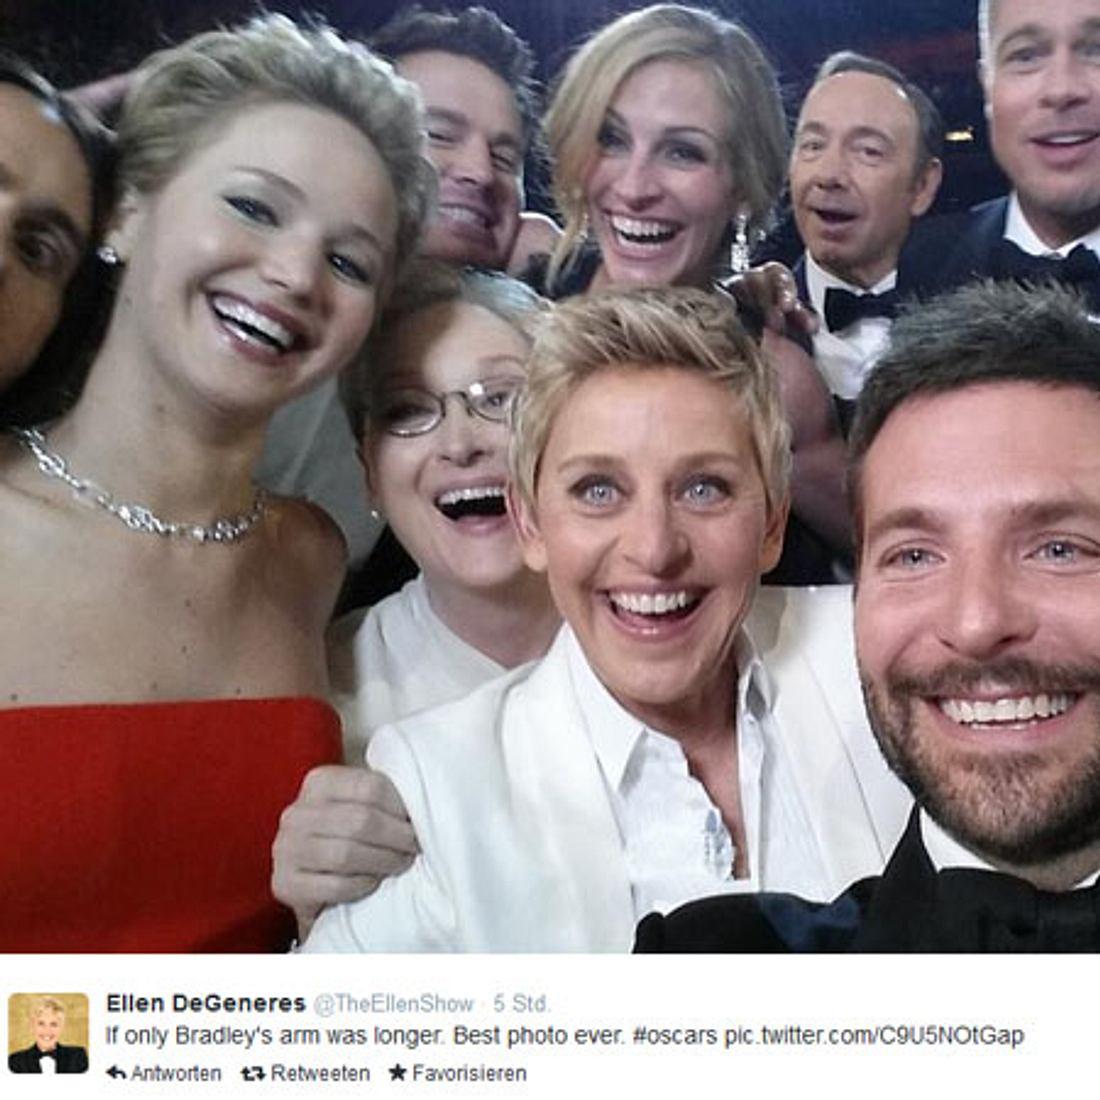 War dieser Oscar-Selfie eine geplante Werbe-Aktion?